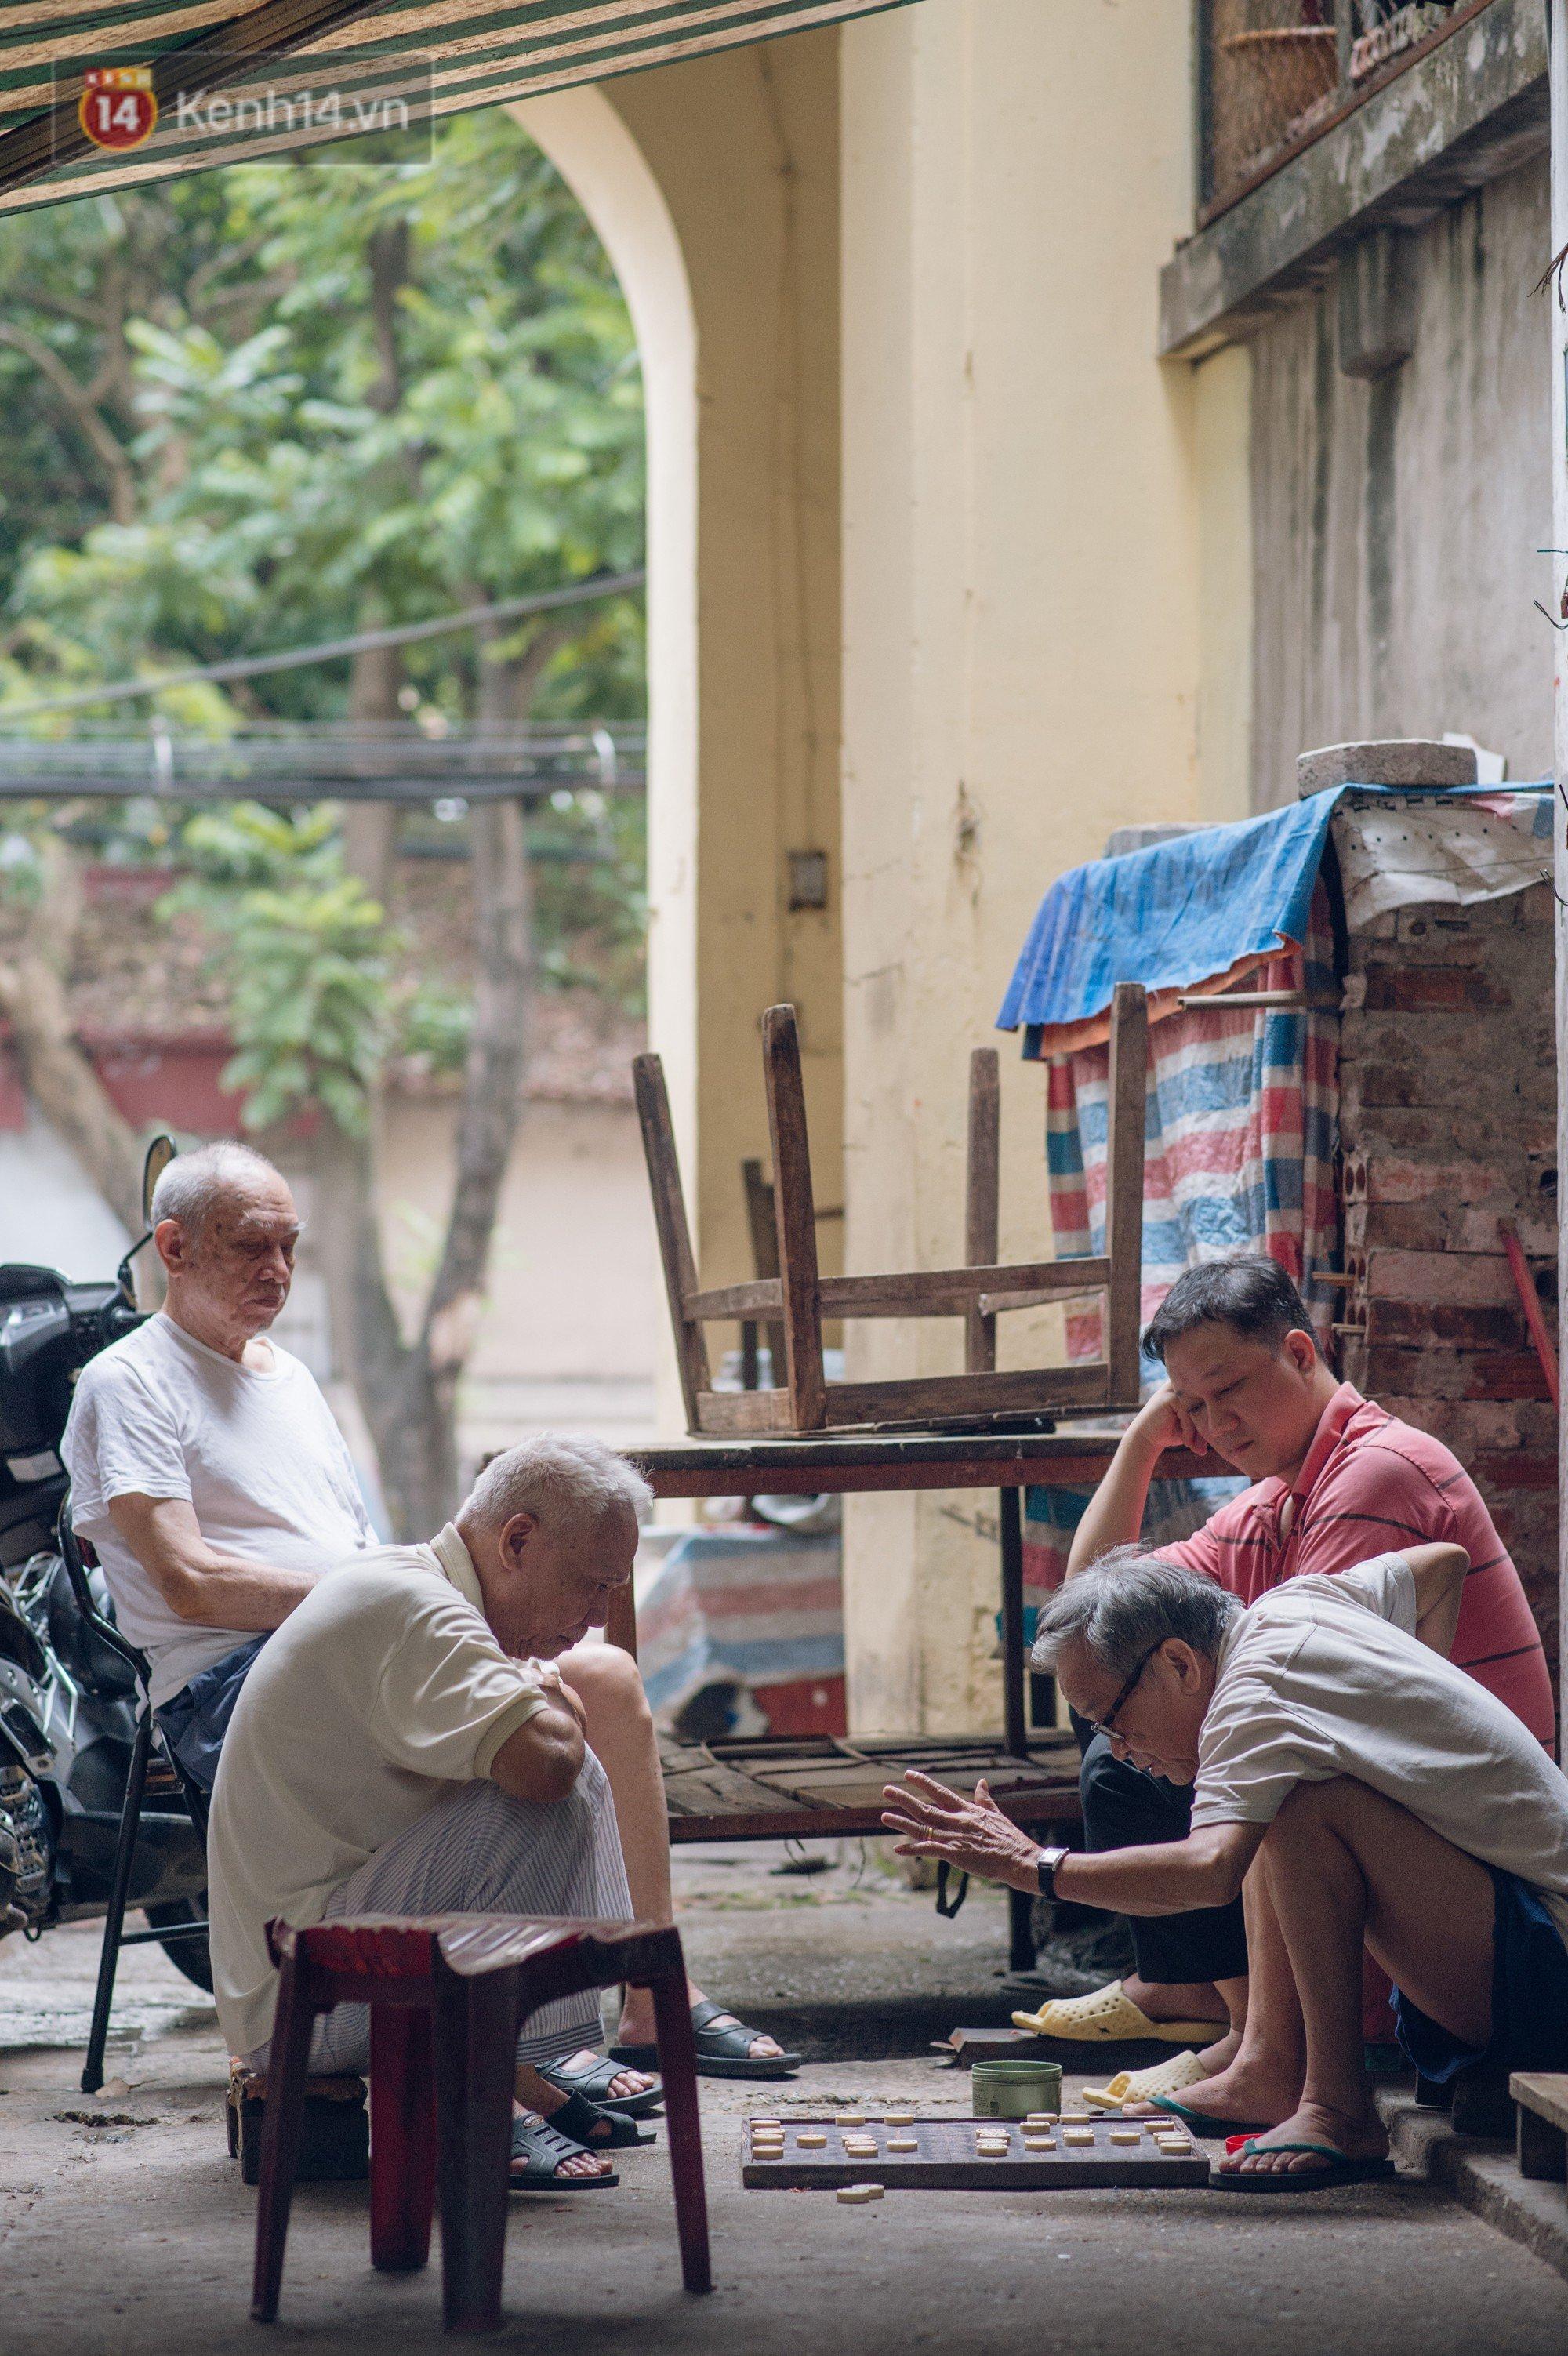 Chuyện về một con phố có nhiều cổng làng nhất Hà Nội: Đưa chân qua cổng phải tôn trọng nếp làng - Ảnh 15.